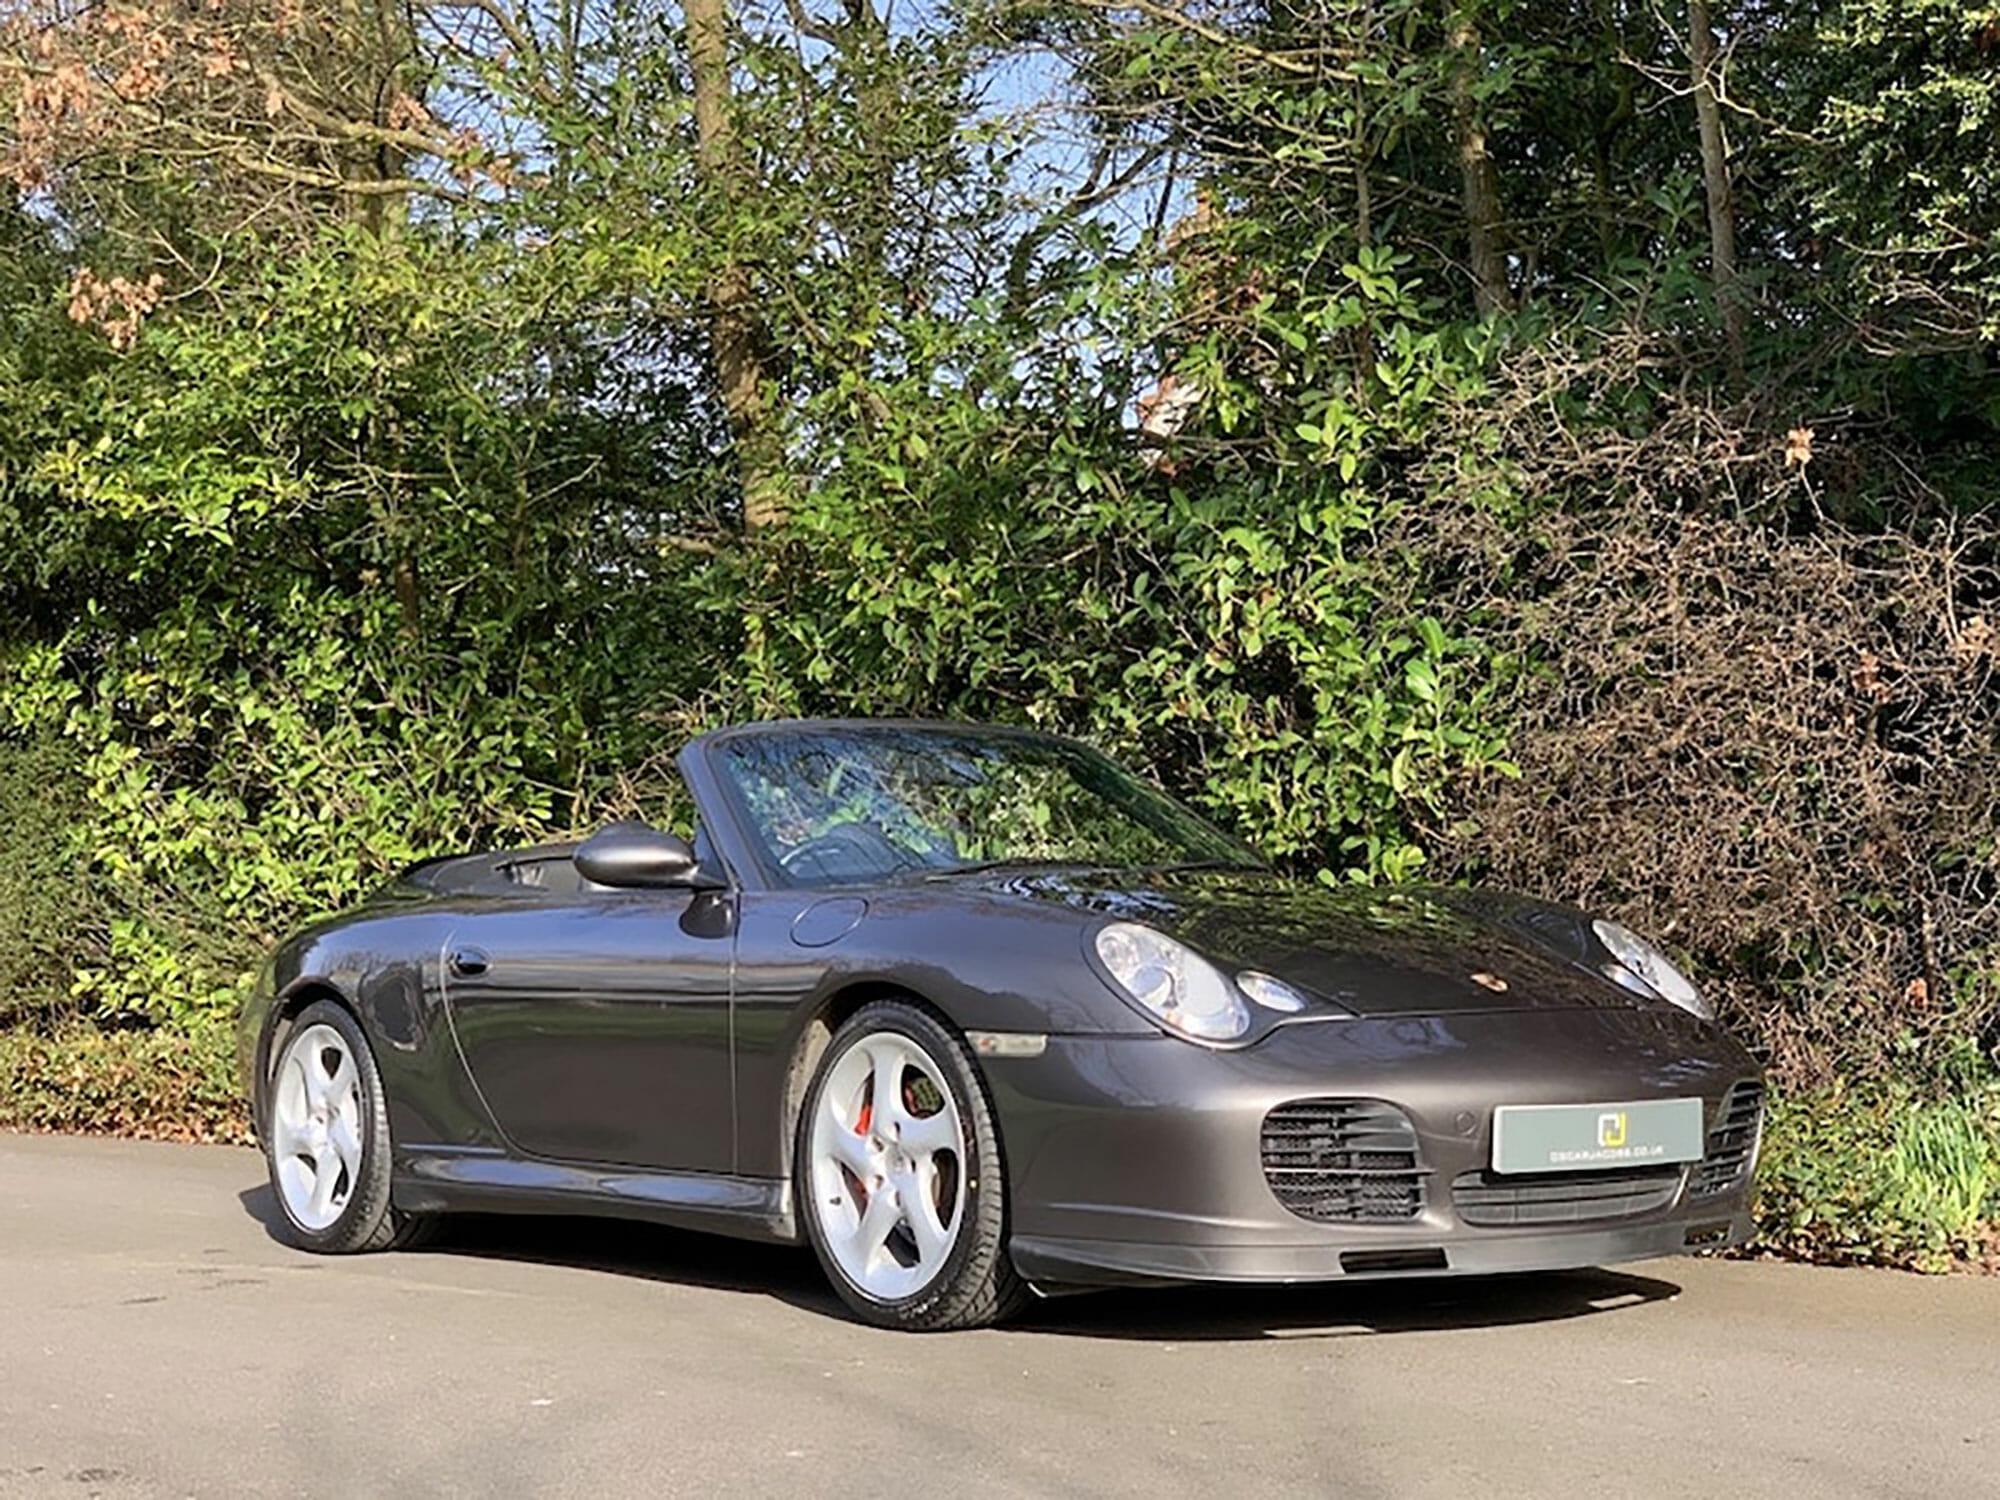 Porsche 996 C4S Cabriolet